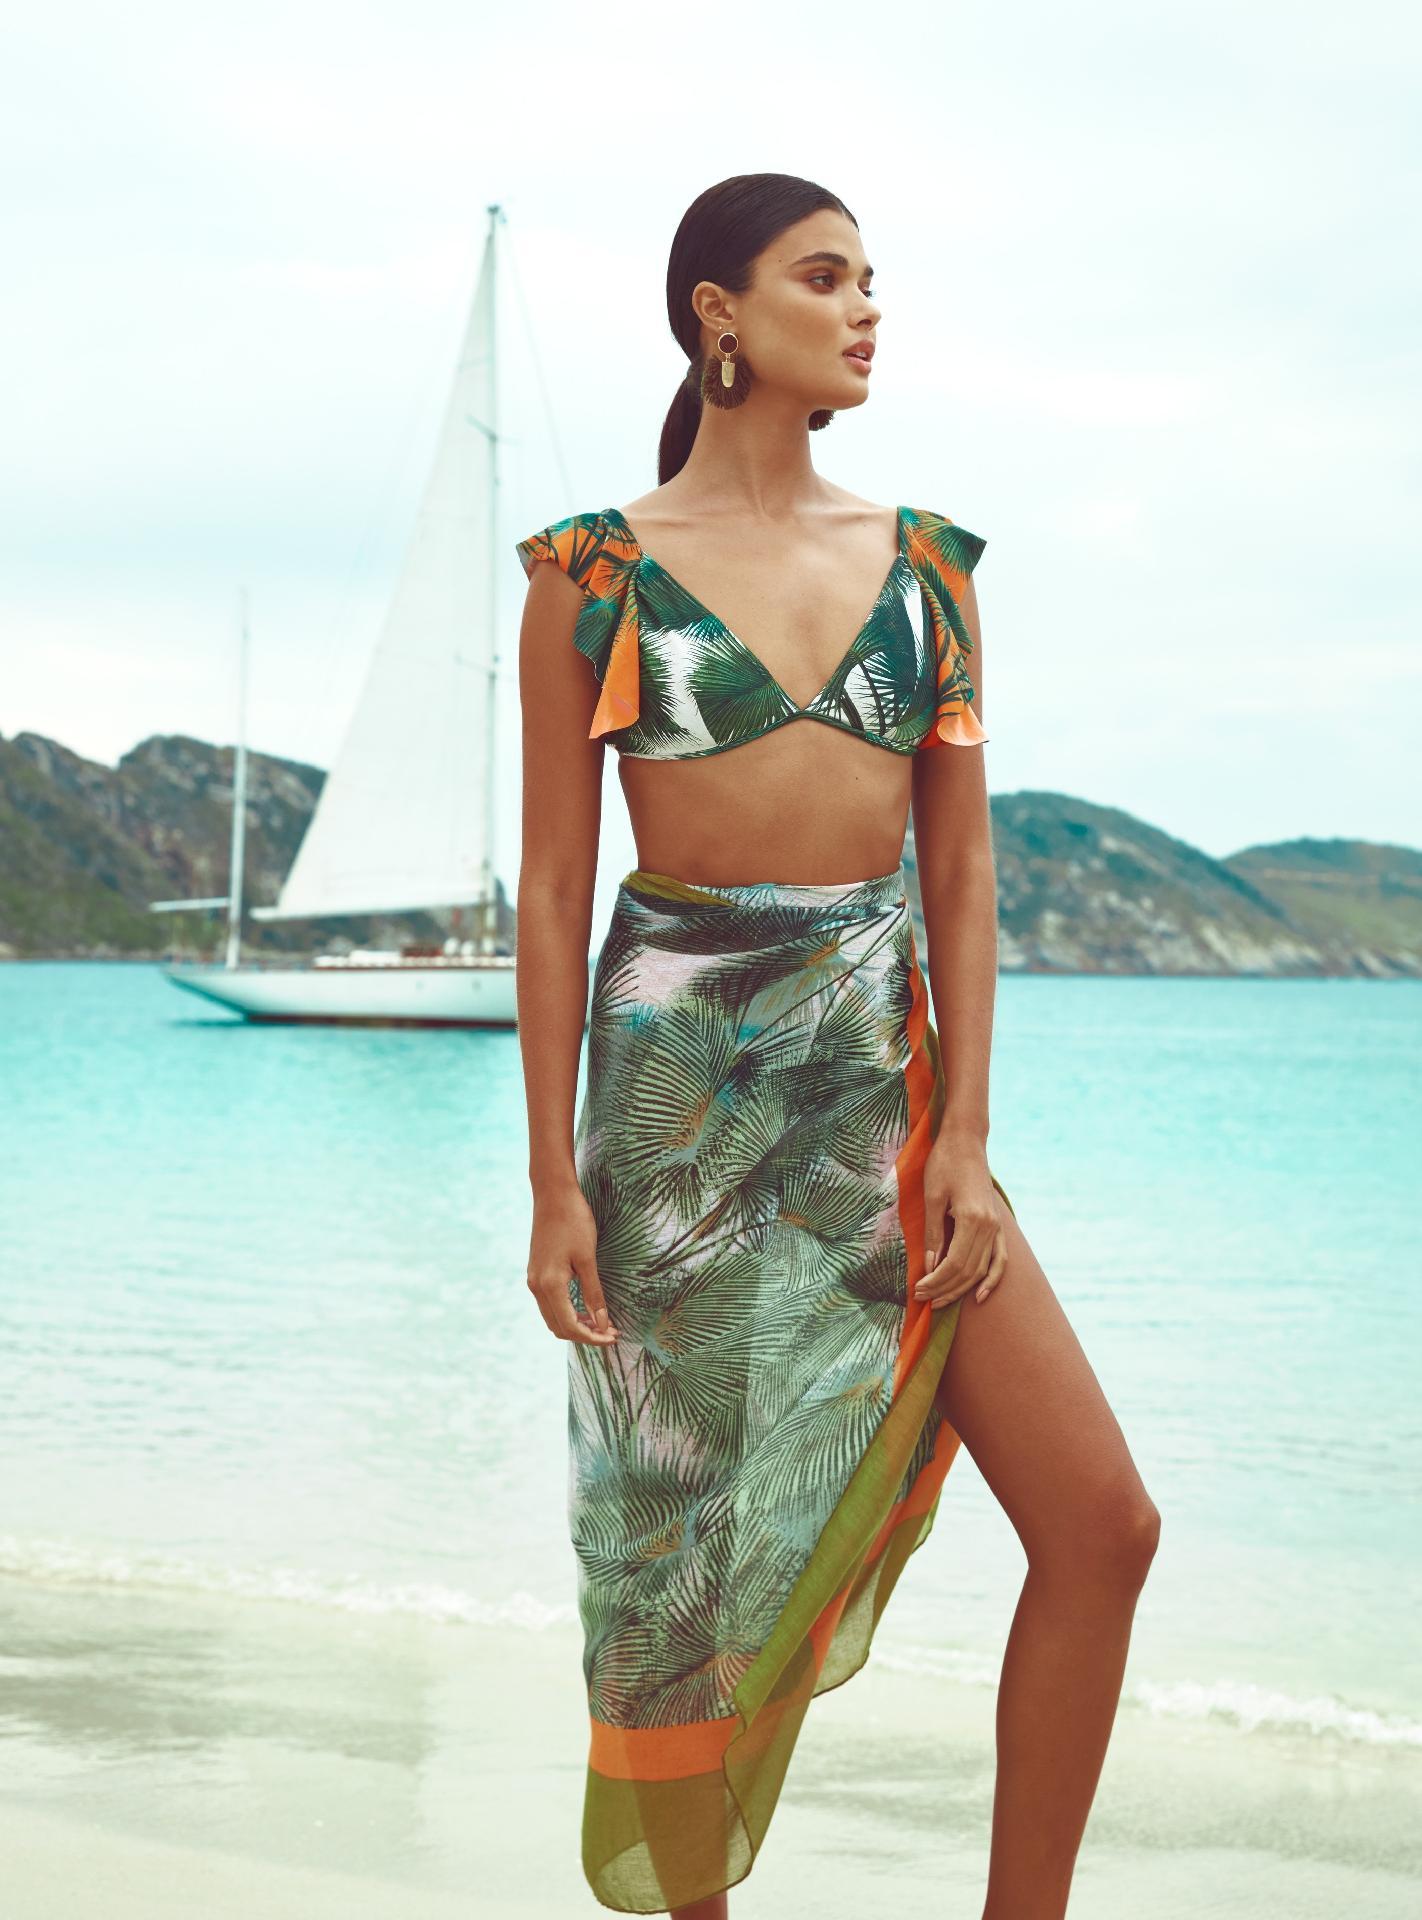 c66c3ca45 Moda praia  gigante fashion lança coleção com cinco marcas renomadas -  26 11 2018 - UOL Universa